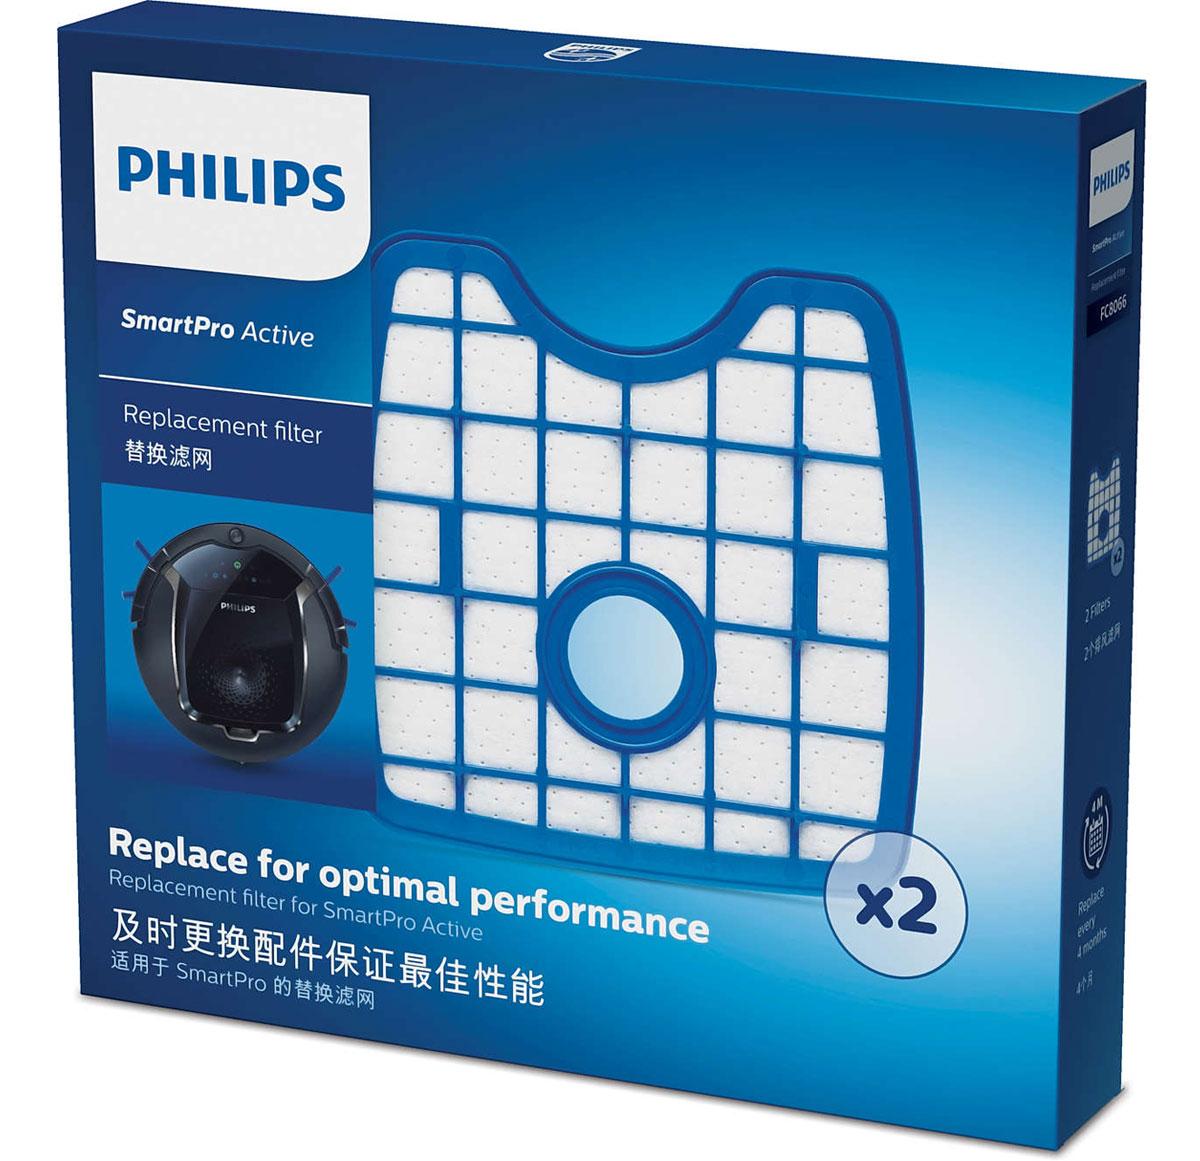 Philips FC8066/01 набор аксессуаров для робот-пылесосов SmartPro Active робот пылесос philips smartpro active fc8822